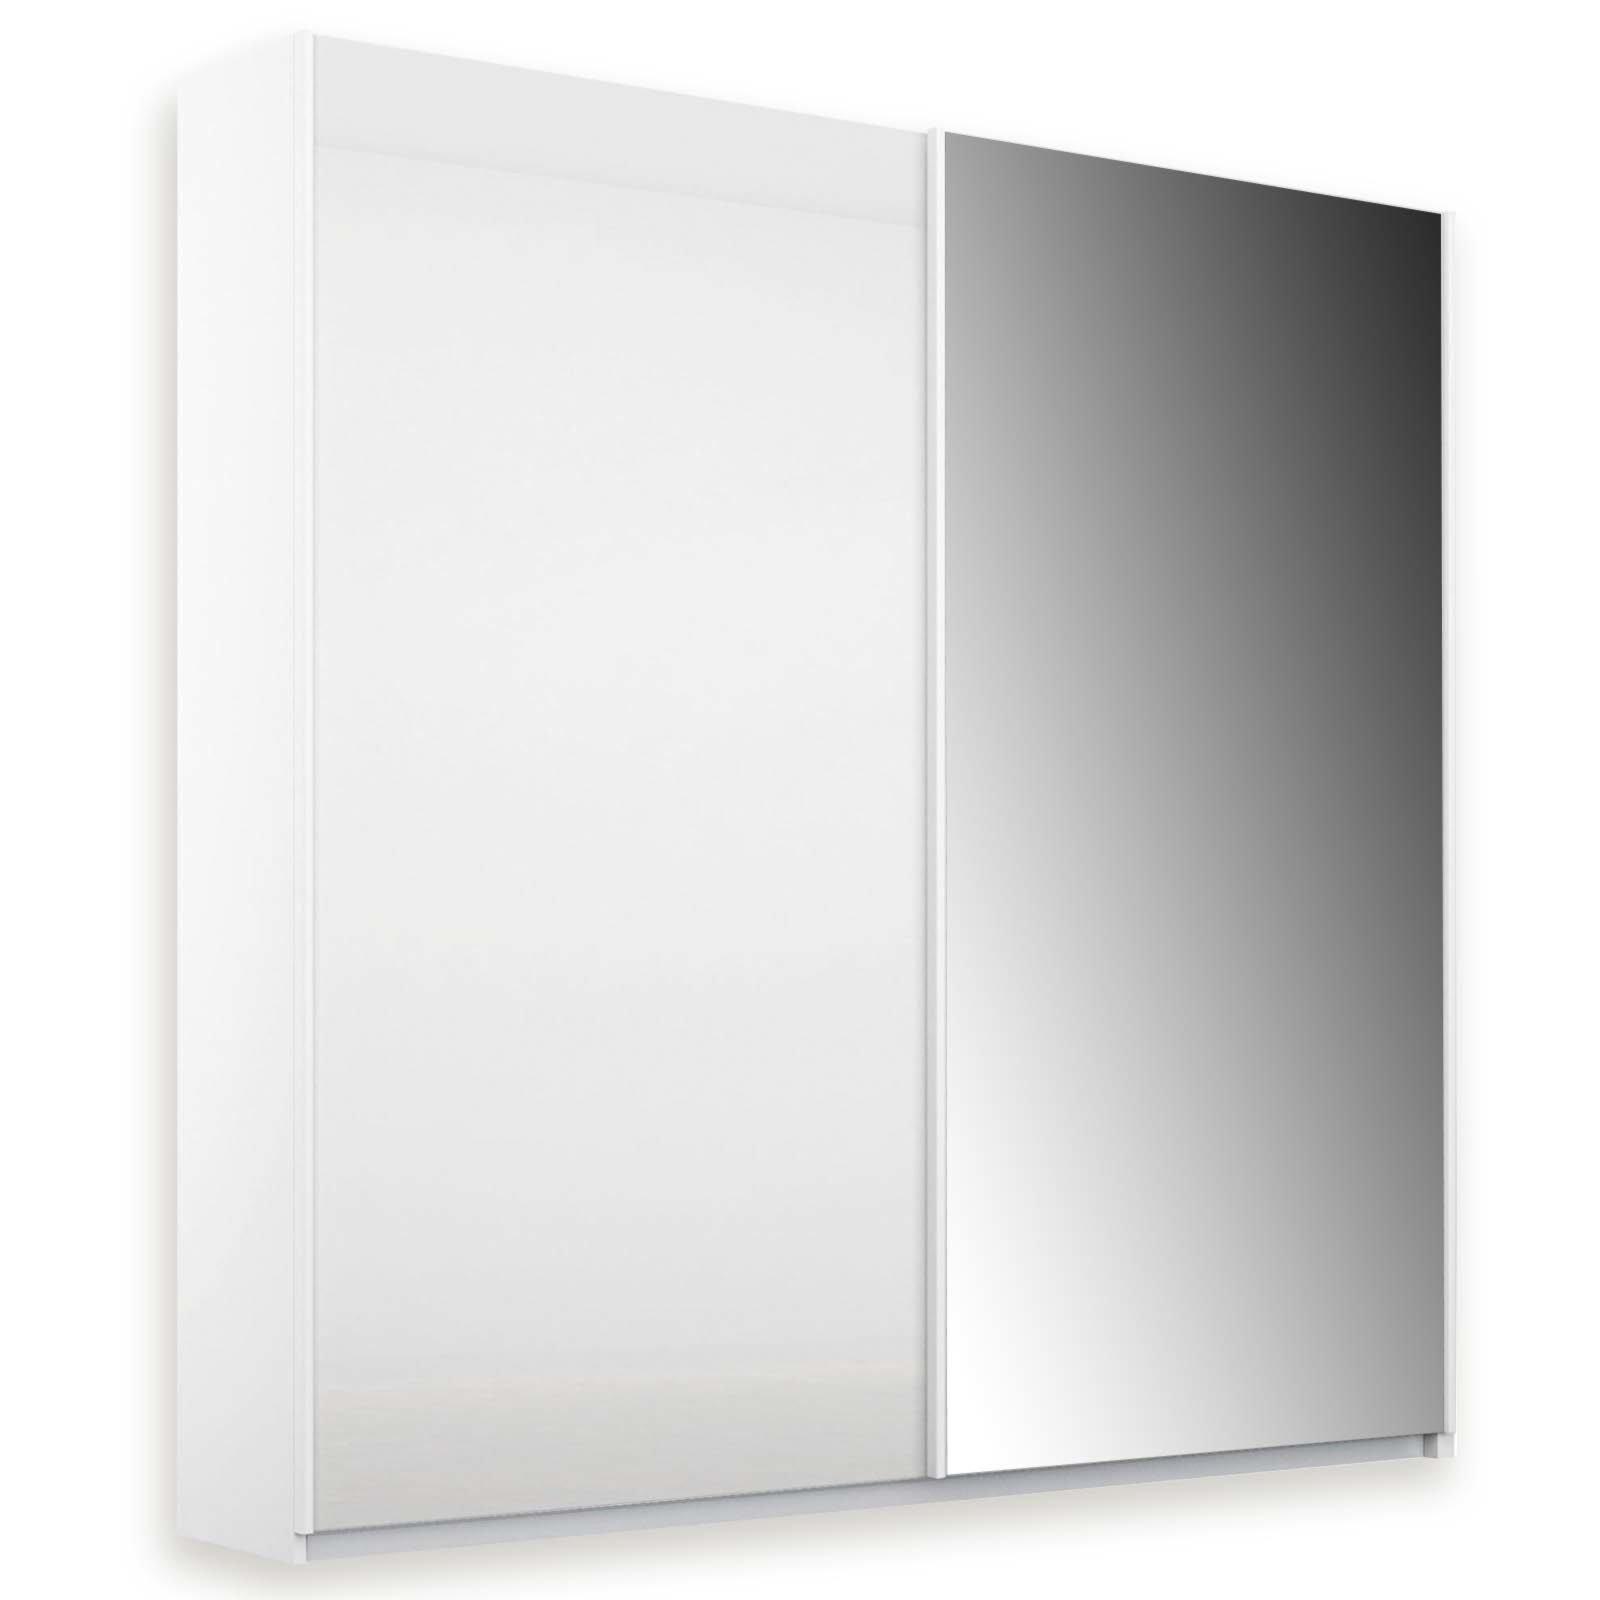 Schwebeturenschrank Glas Weiss Mit Spiegel